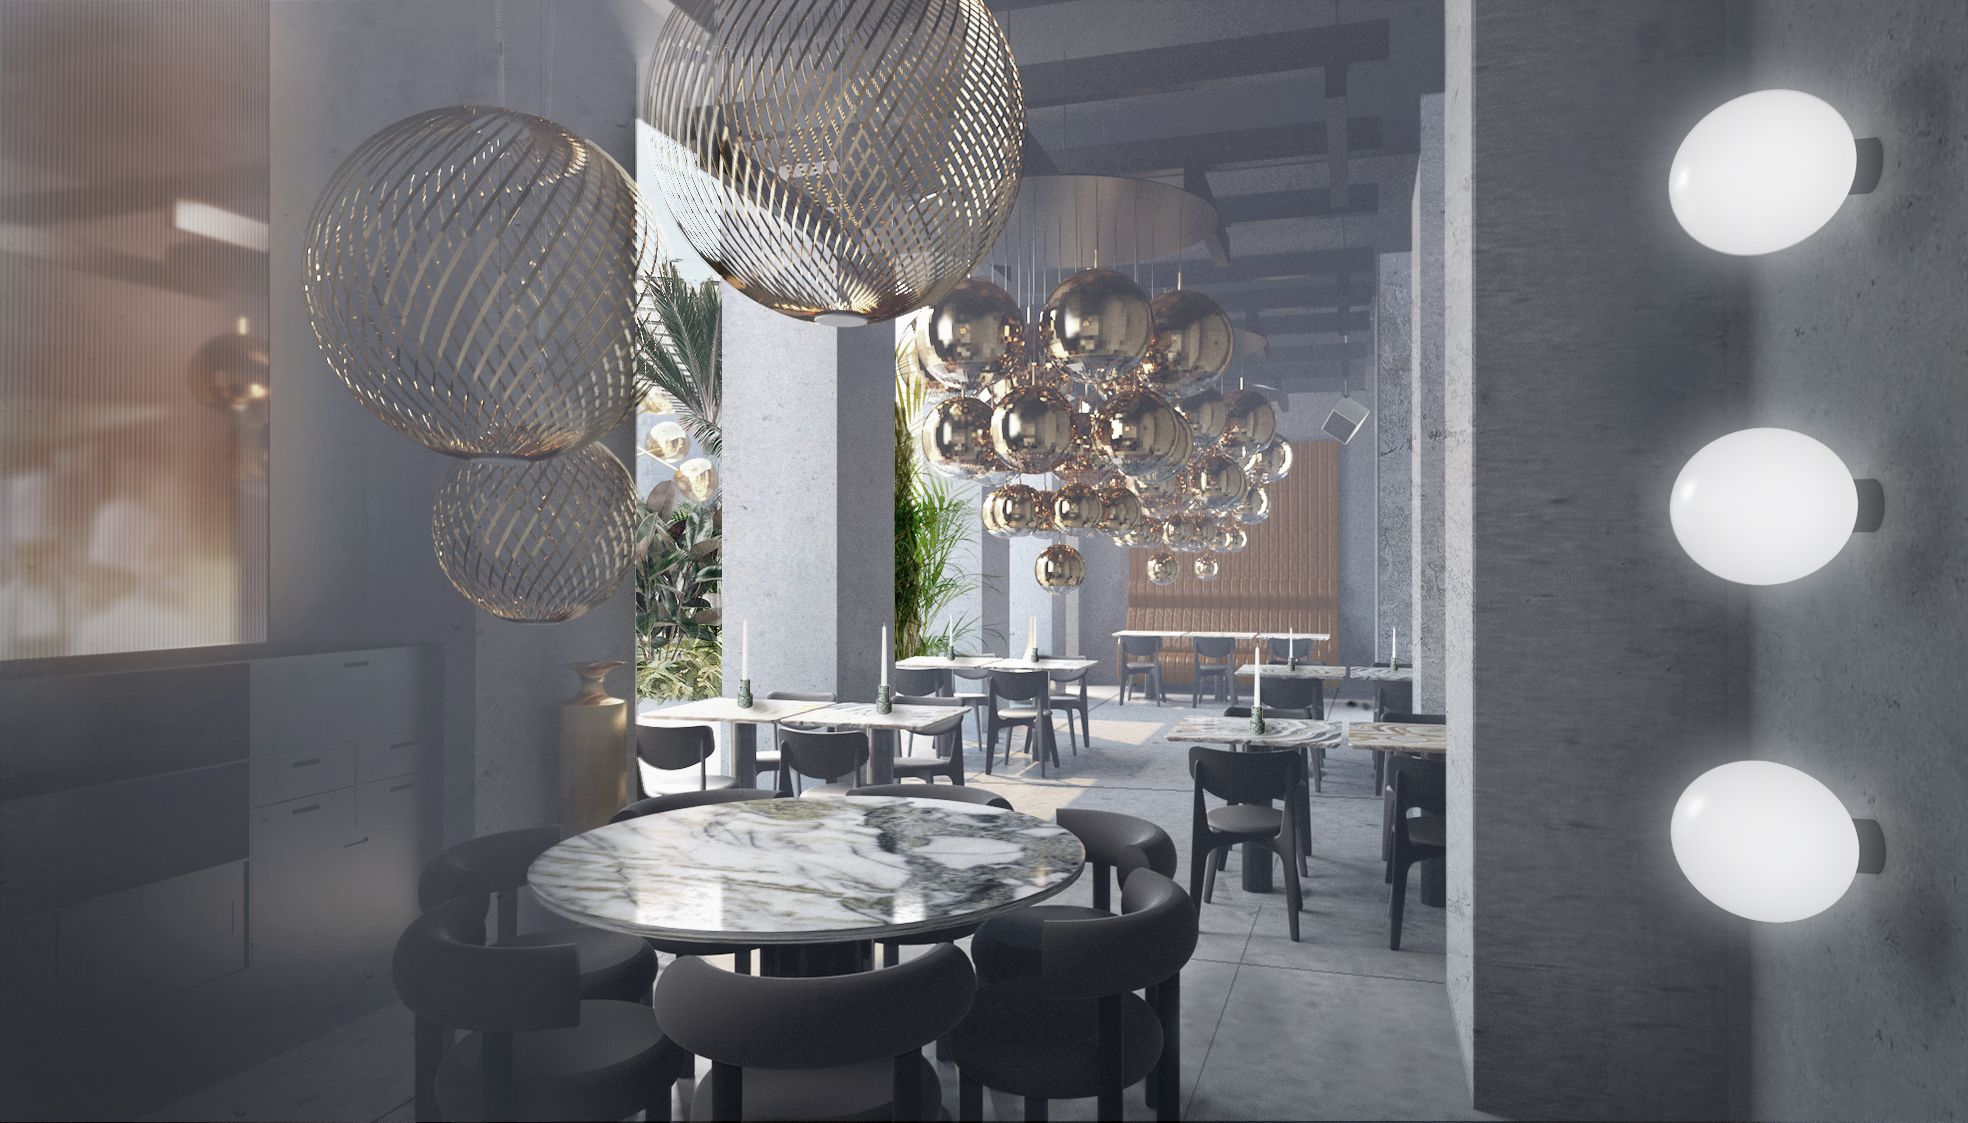 Design Per Ristoranti : Tavolo moderno in laminato rettangolare per ristorante